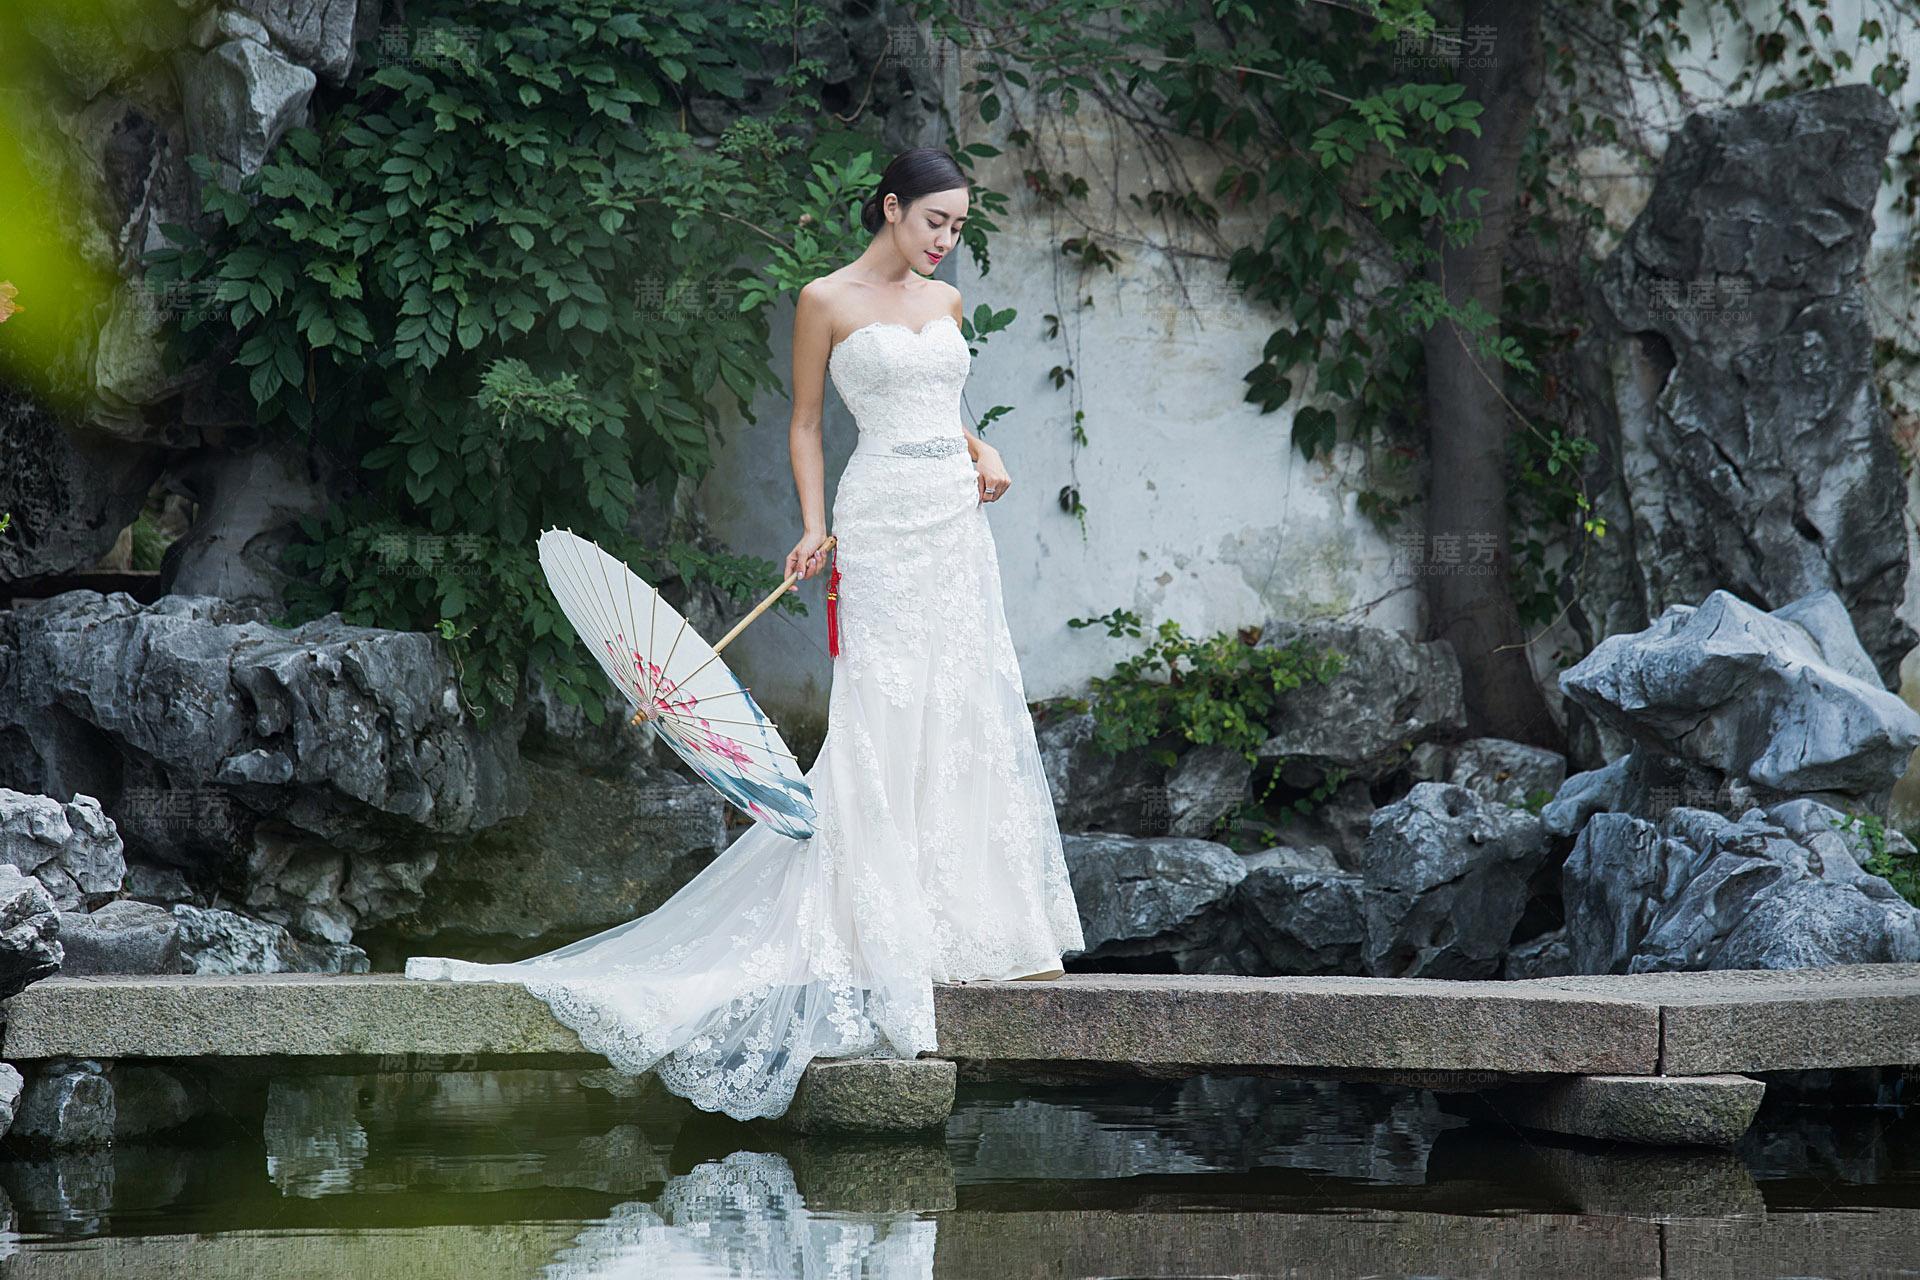 苏州园林可以拍婚纱照吗 苏州园林婚纱照推荐哪家